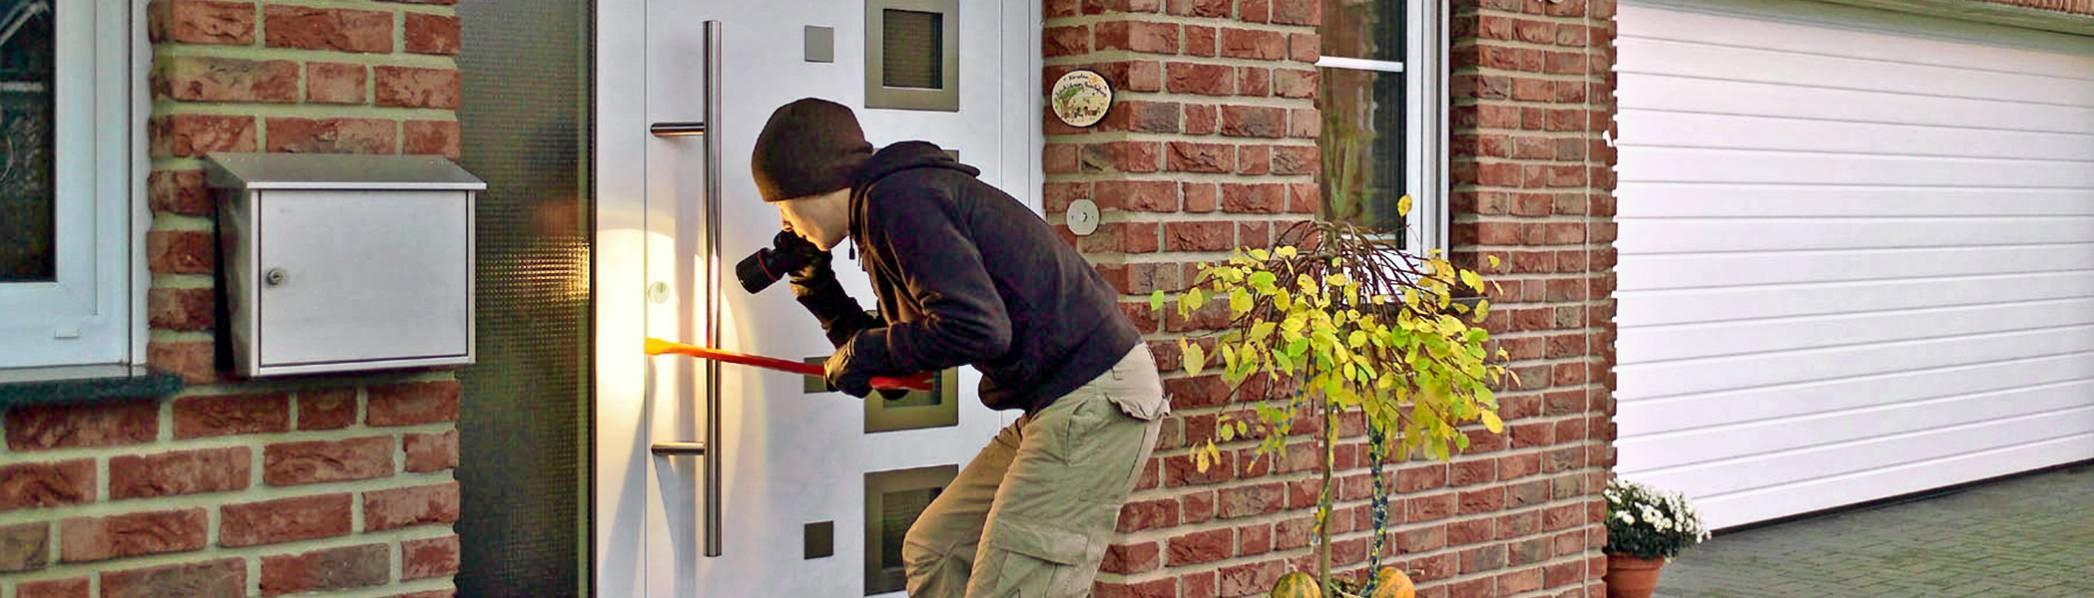 Fenster und Türen sind die Schwachstellen des Hauses. Genau dort sollte nach Meinung von Sicherheitsexperten der Einbruchschutz ansetzen. Foto: dpa